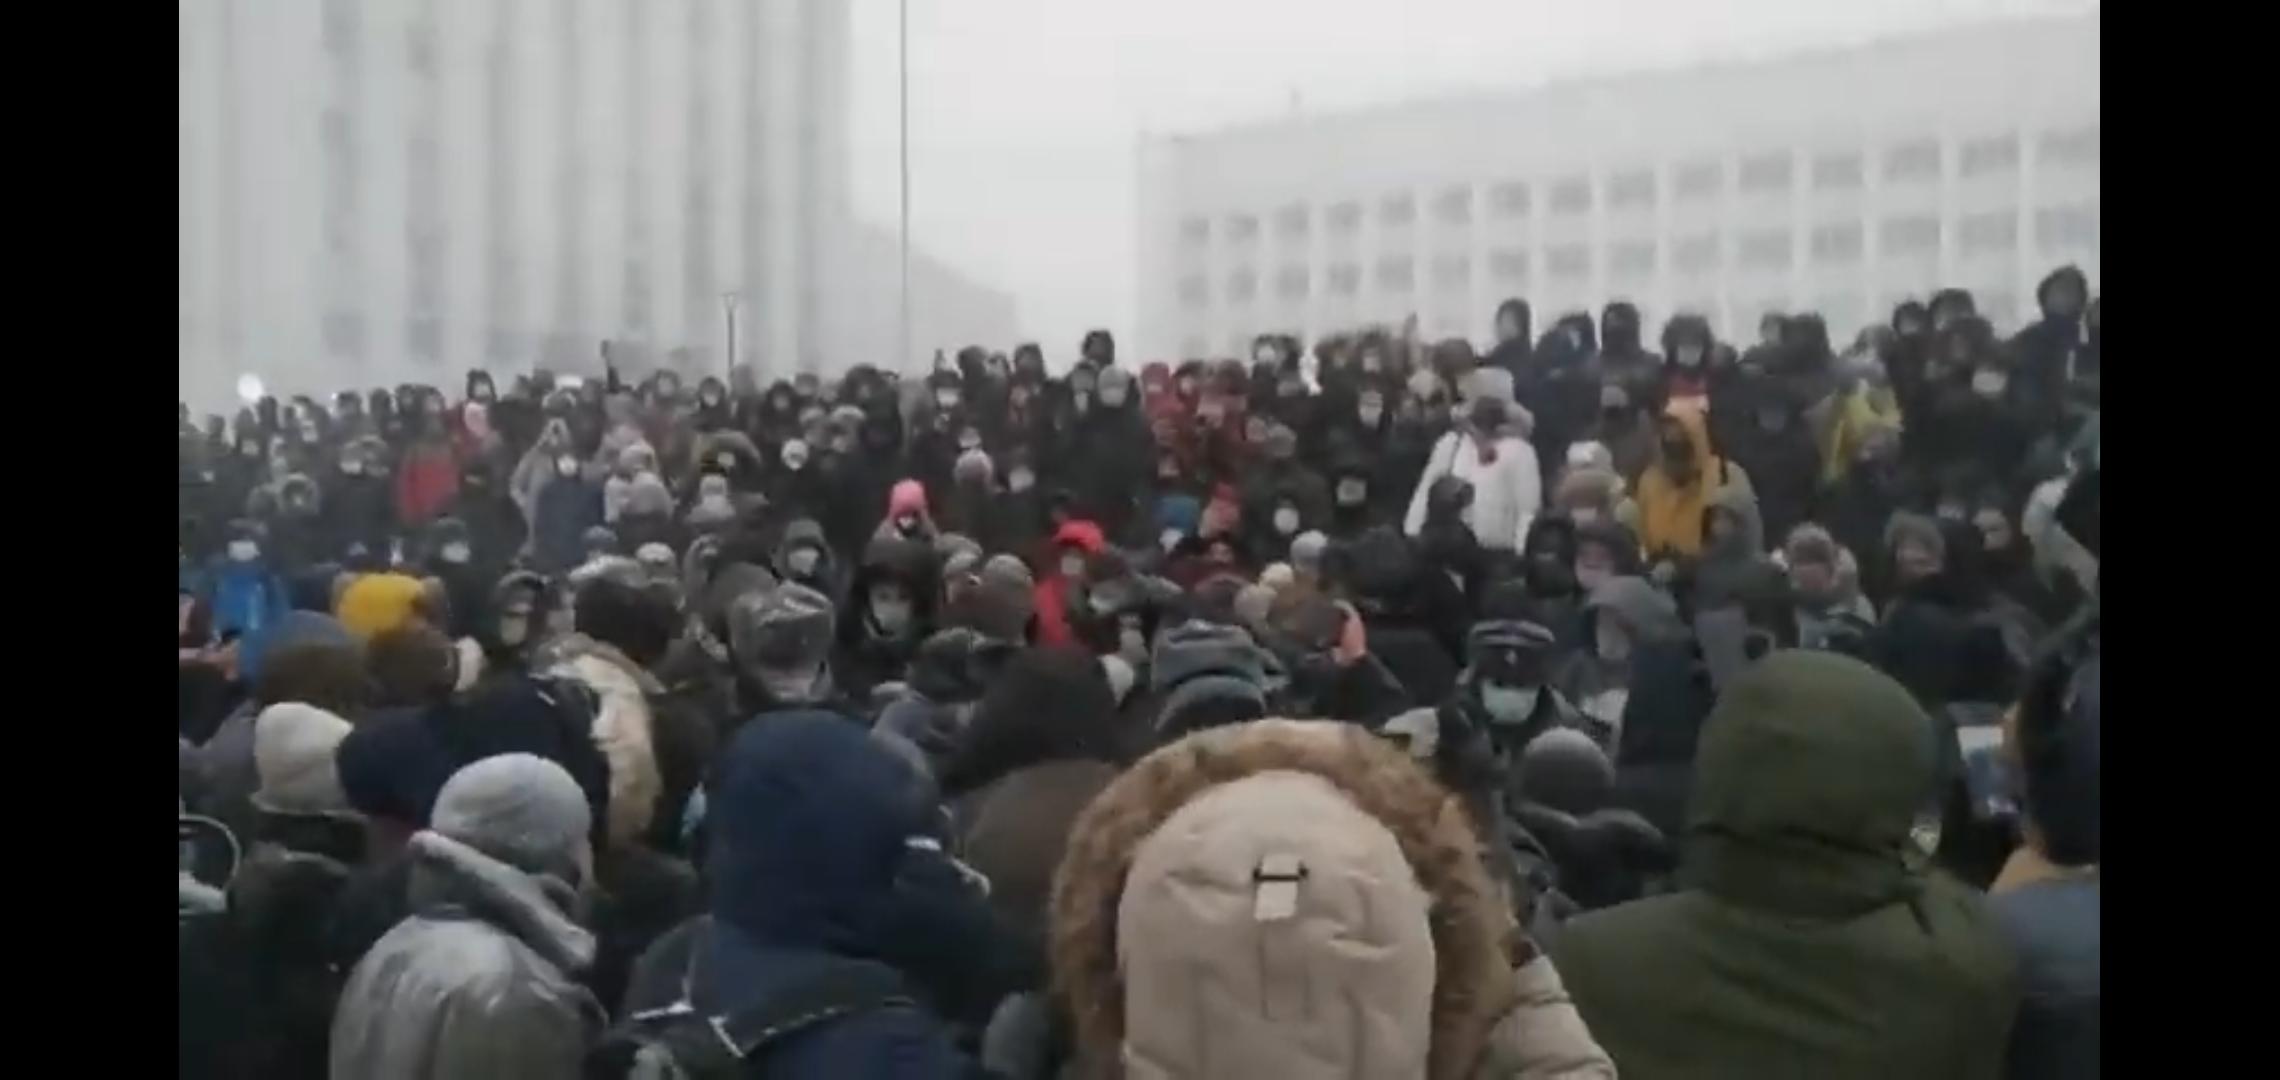 На митинге в поддержку Навального в Архангельске произошла драка с полицейскими